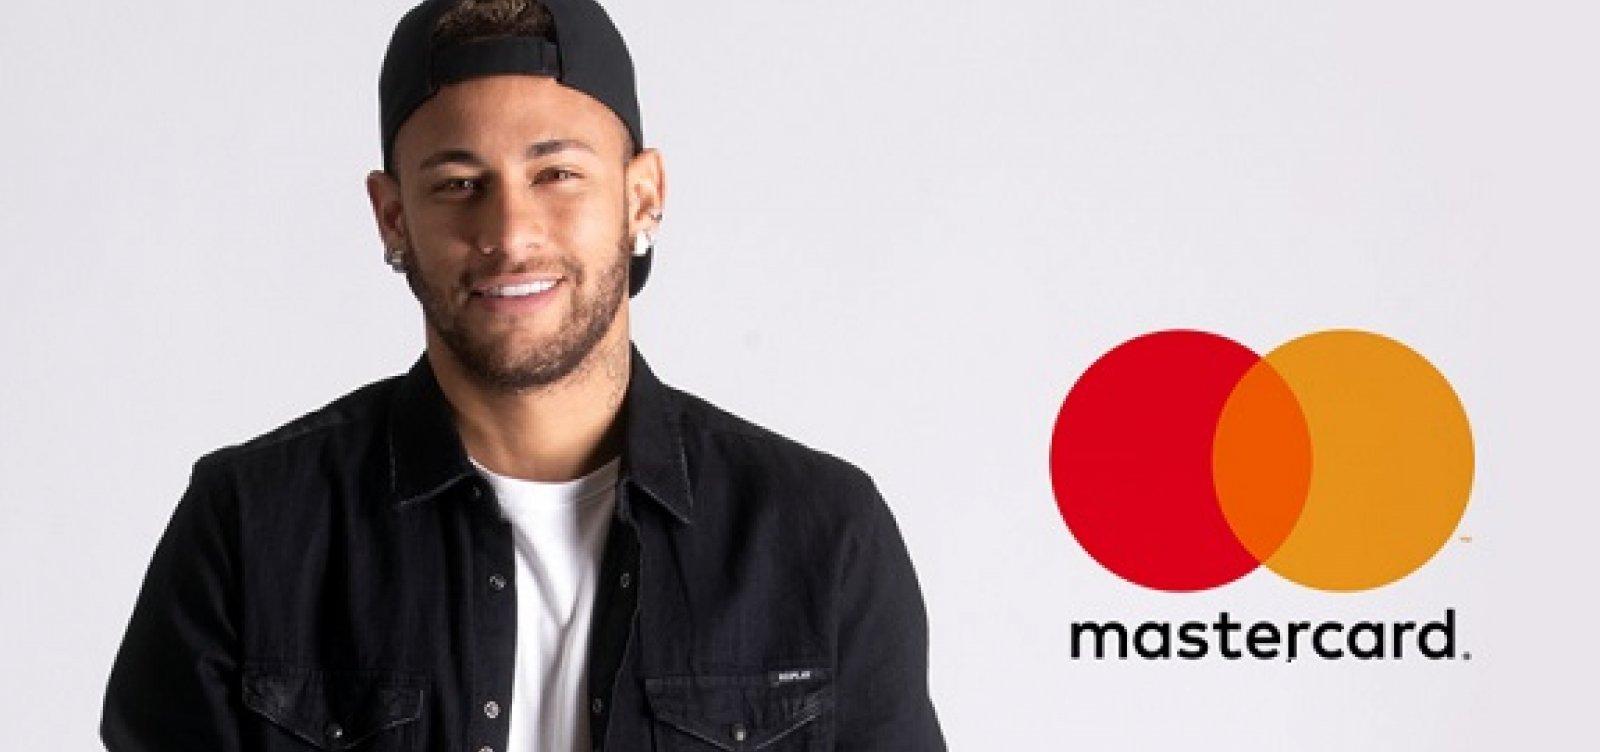 [Mastercard suspende campanha com Neymar após acusação de estupro]